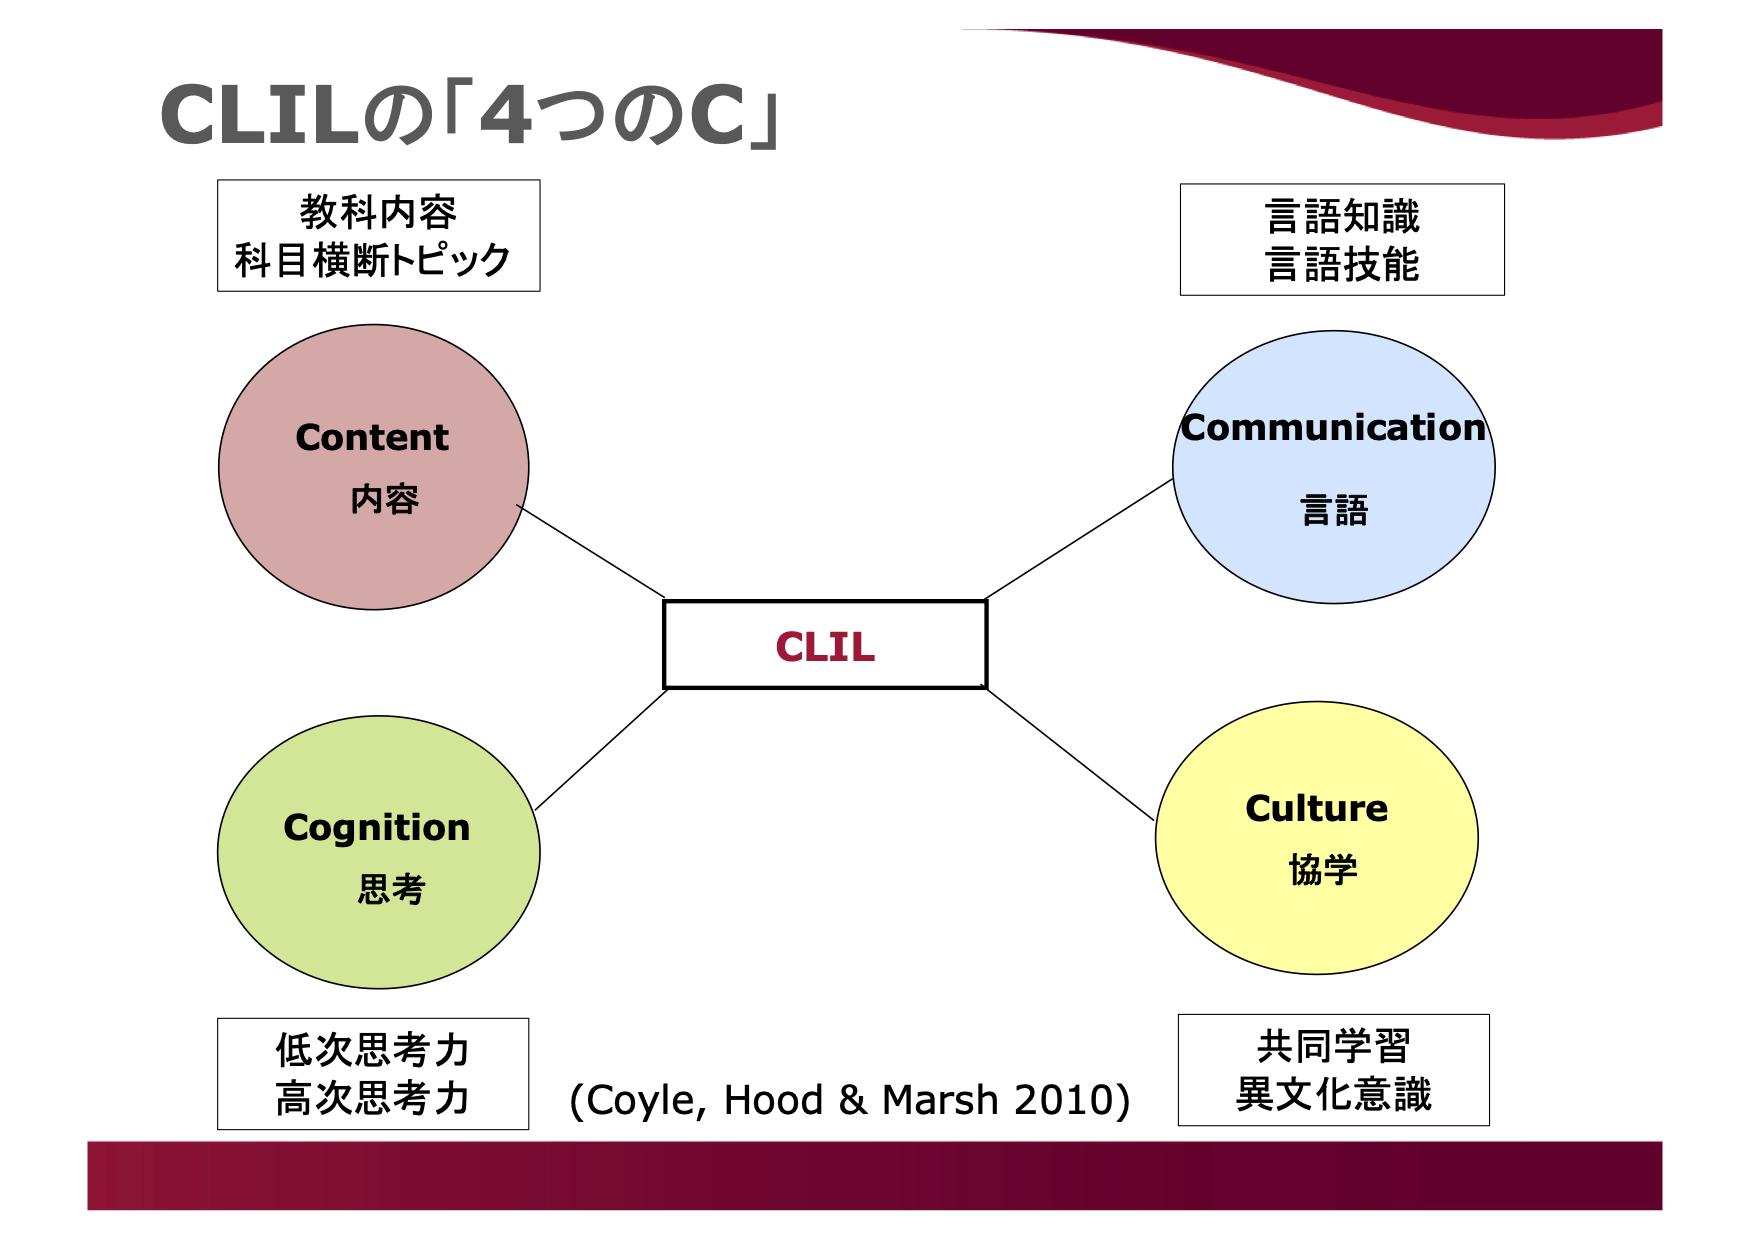 CLILの内容について 4つのC